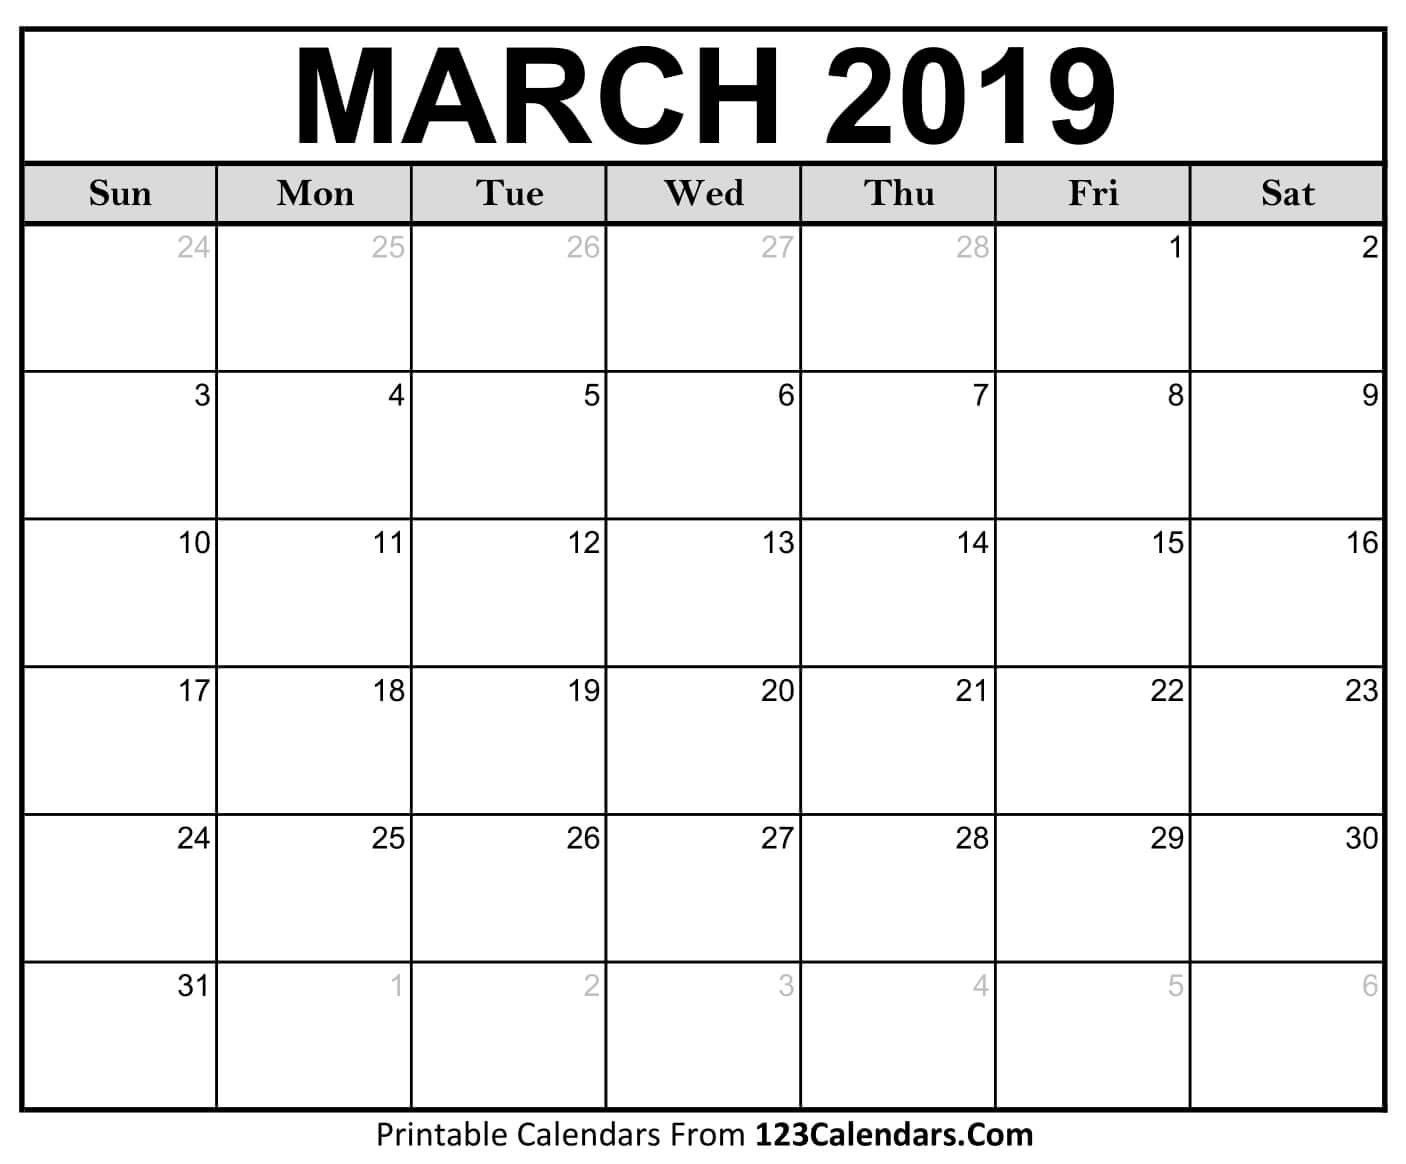 Printable March 2019 Calendar Templates - 123Calendars March 4 2019 Calendar